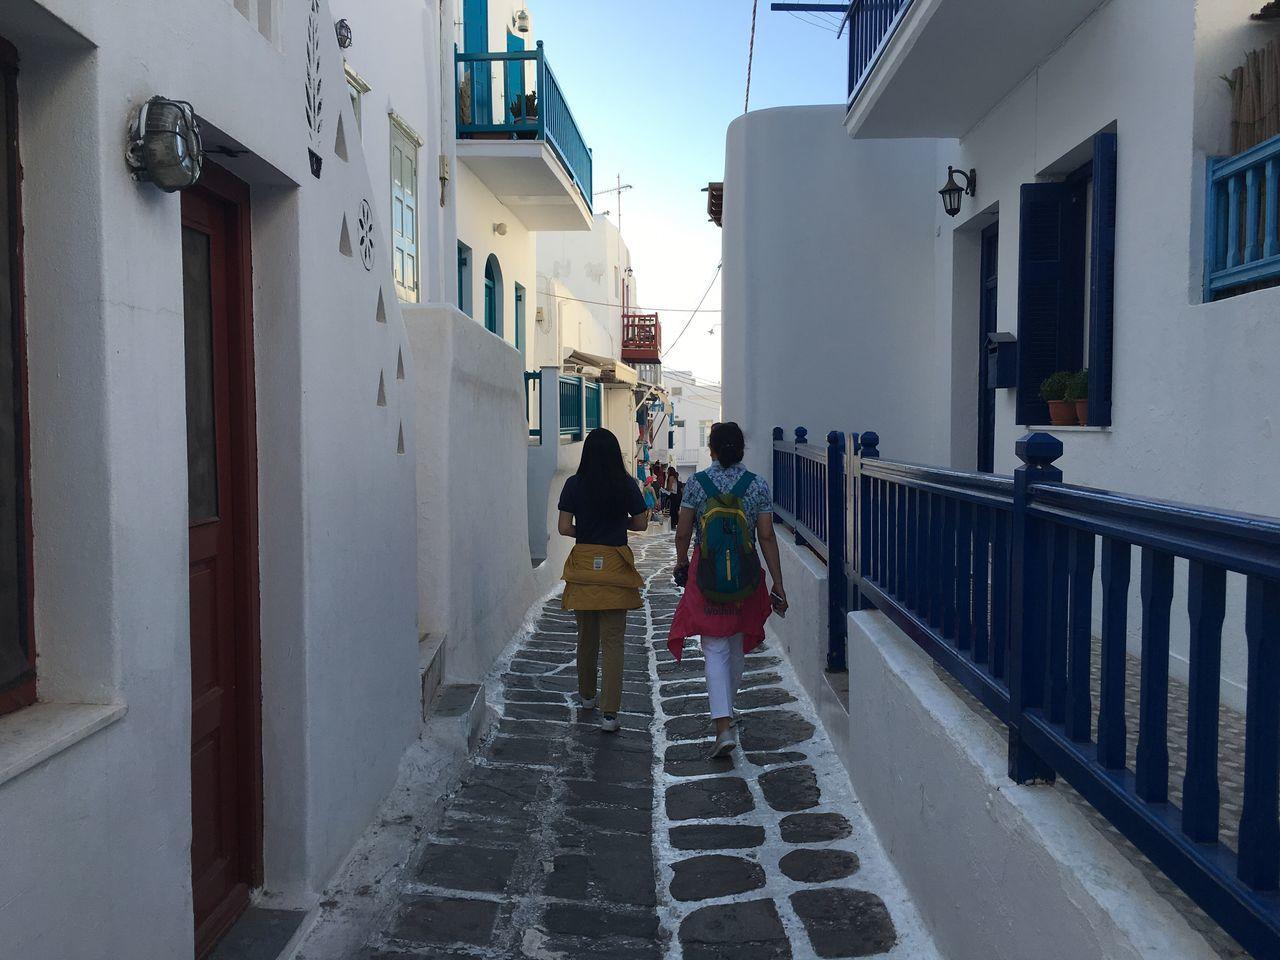 Mykonostown Traveling Love Traveling Cyclades Islands Travelphotography Mykonos,Greece Destination Best Destination Love Greece Travel Europe On The Way Walking